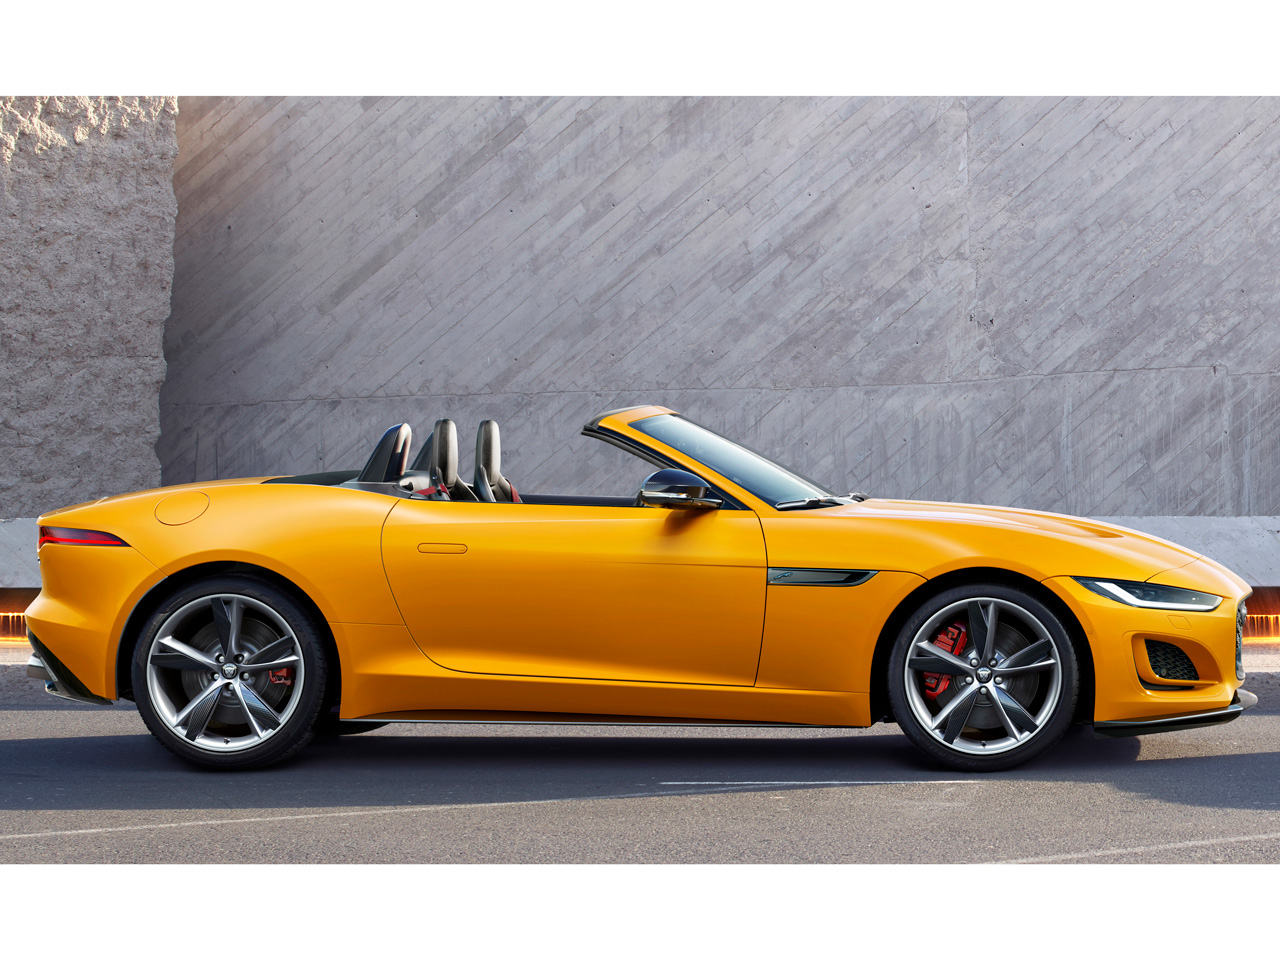 ジャガー Fタイプ 2013年モデル 新車画像